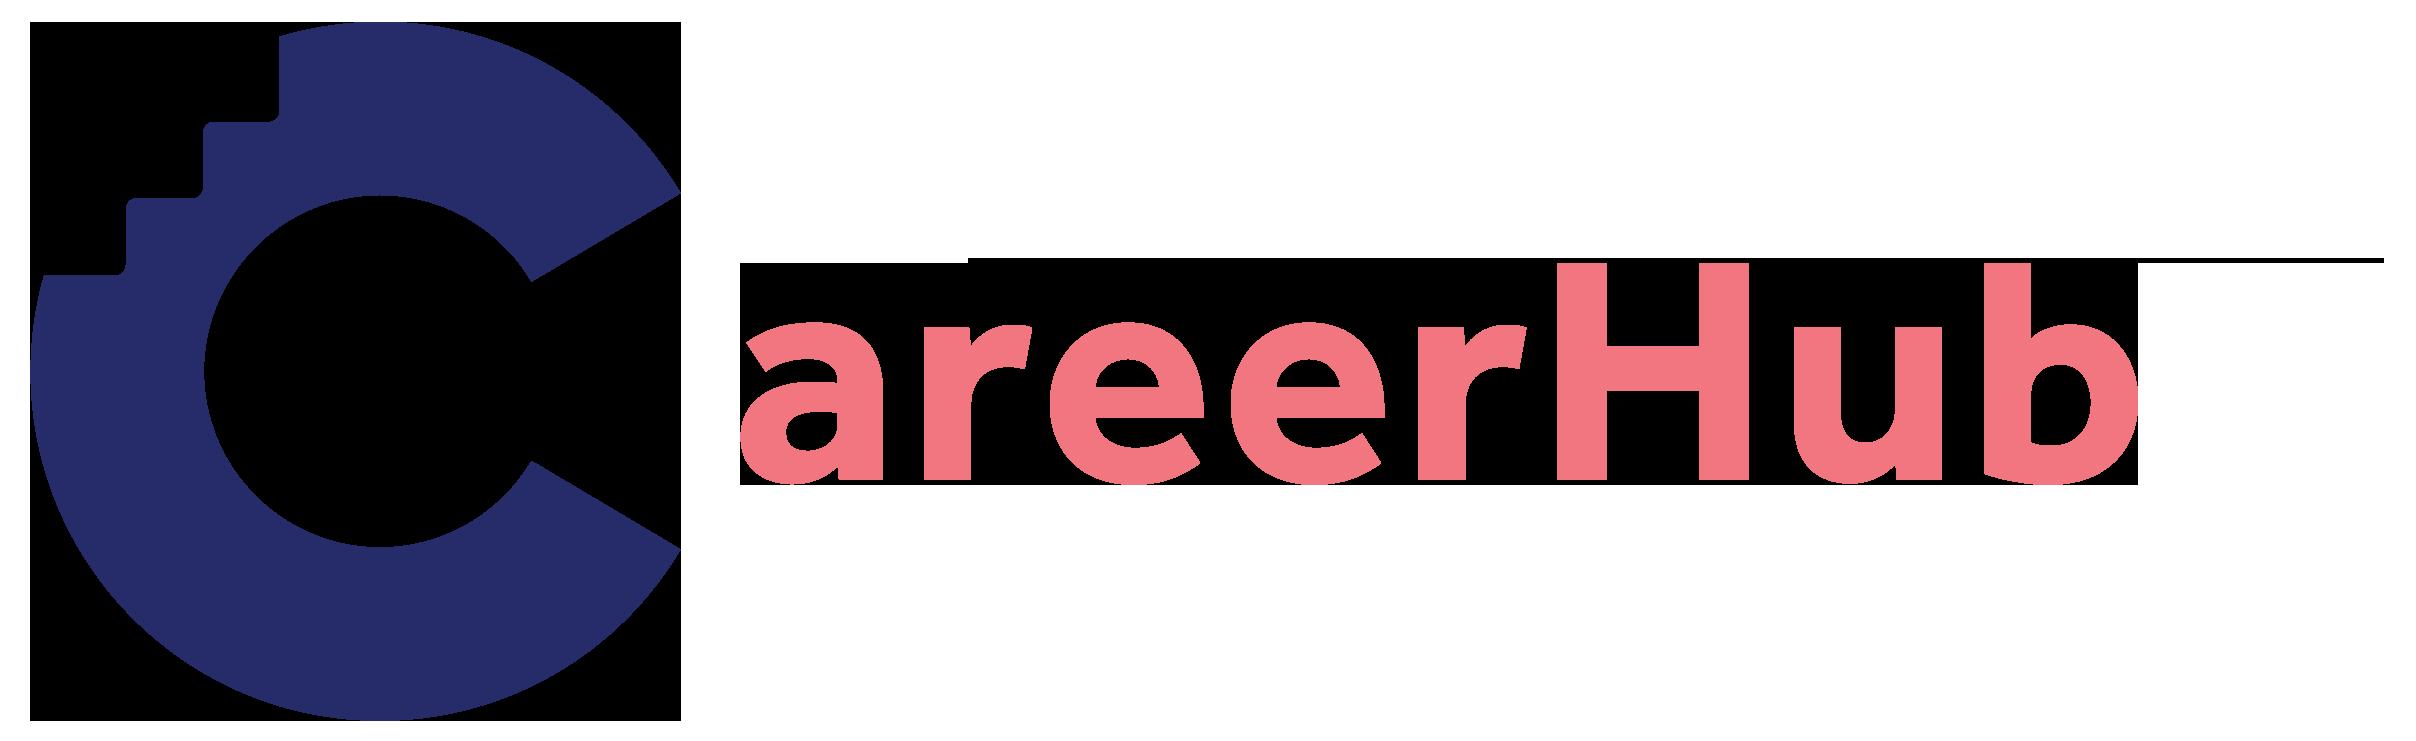 Careerhub.vn